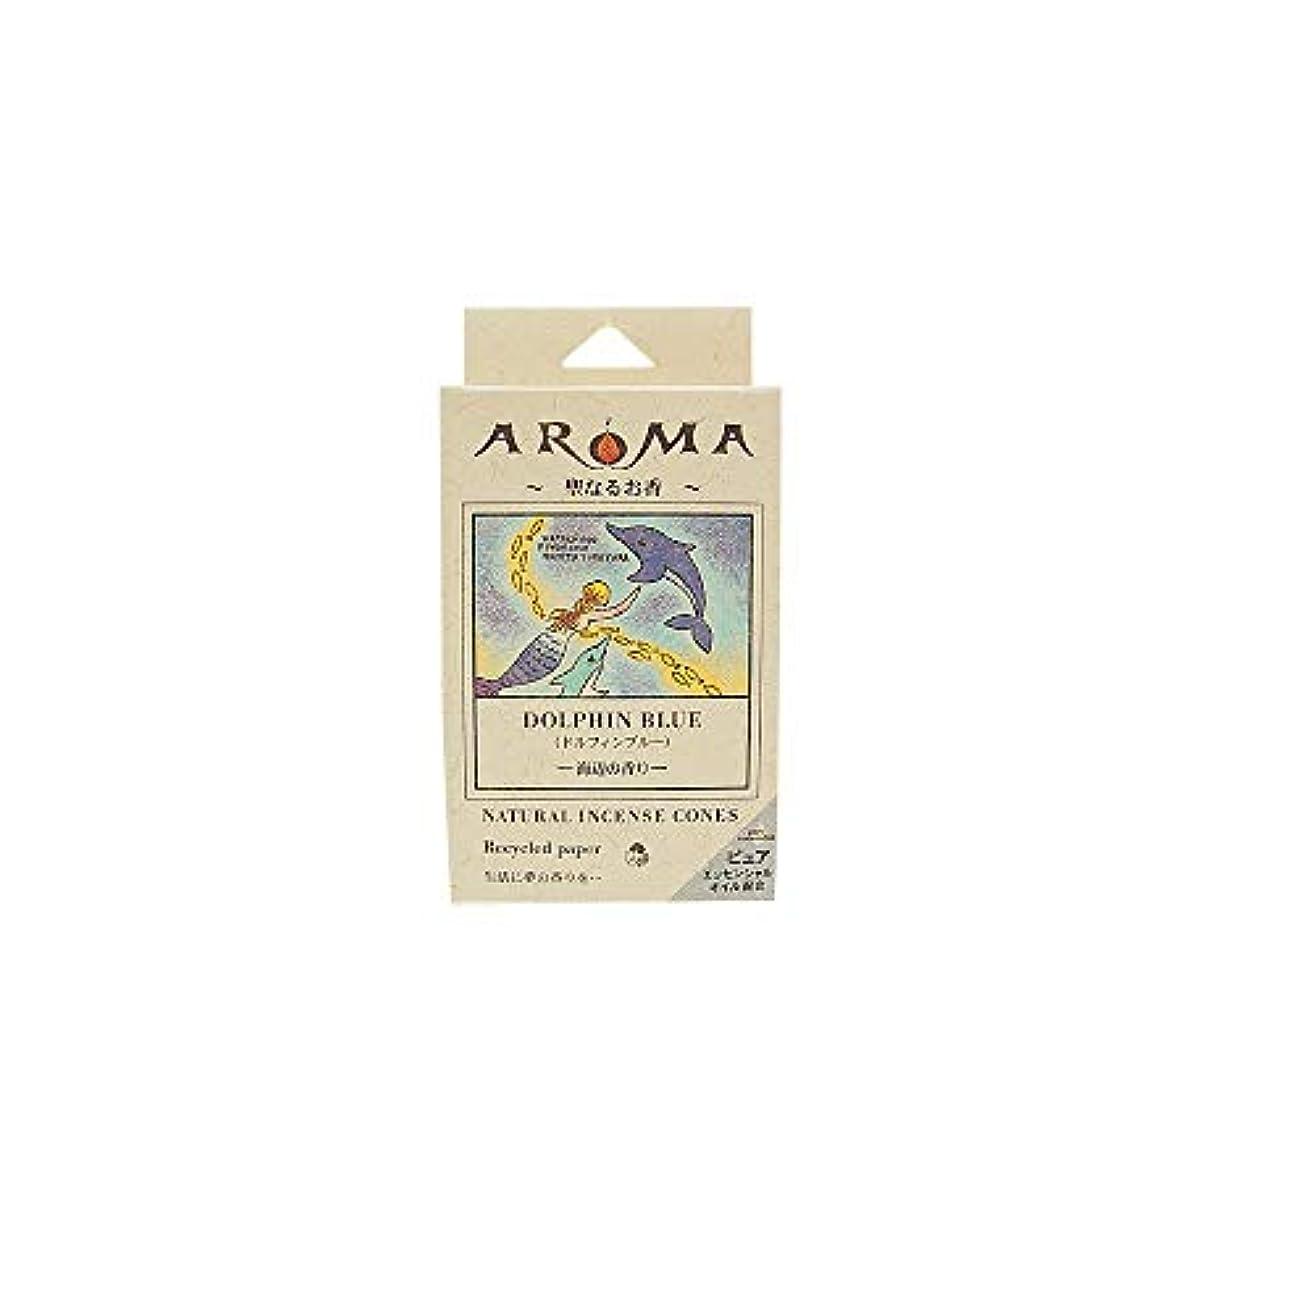 ファンドワーディアンケースメジャーアロマ香 ドルフィンブルー 16粒(コーンタイプインセンス 1粒の燃焼時間約20分 海辺の香り)